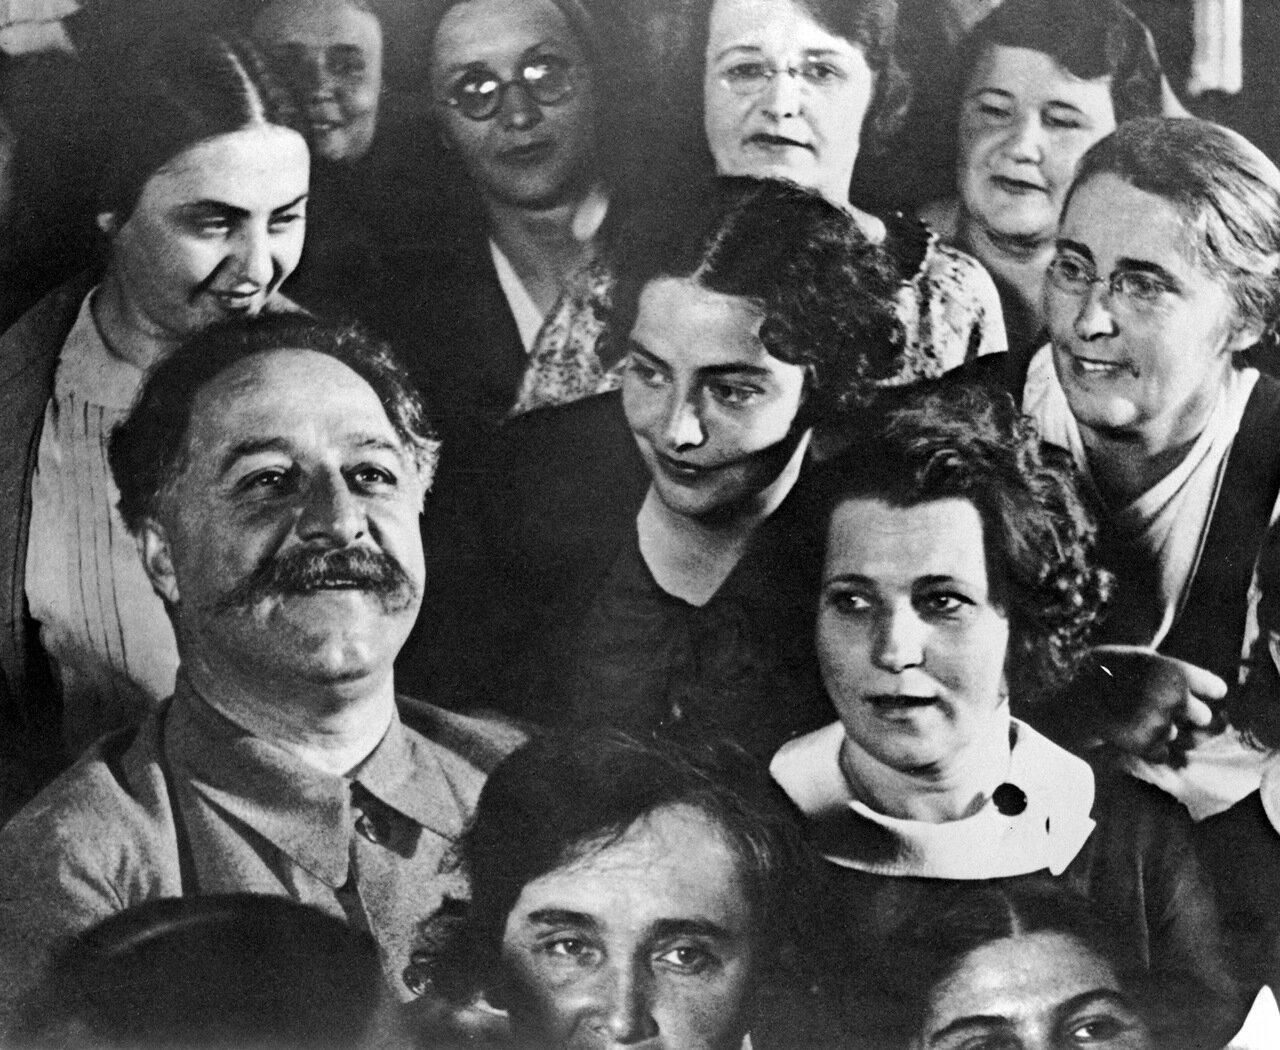 Орджоникидзе с делегатами совещания жён командиров промышленности в Кремле. 1937 год